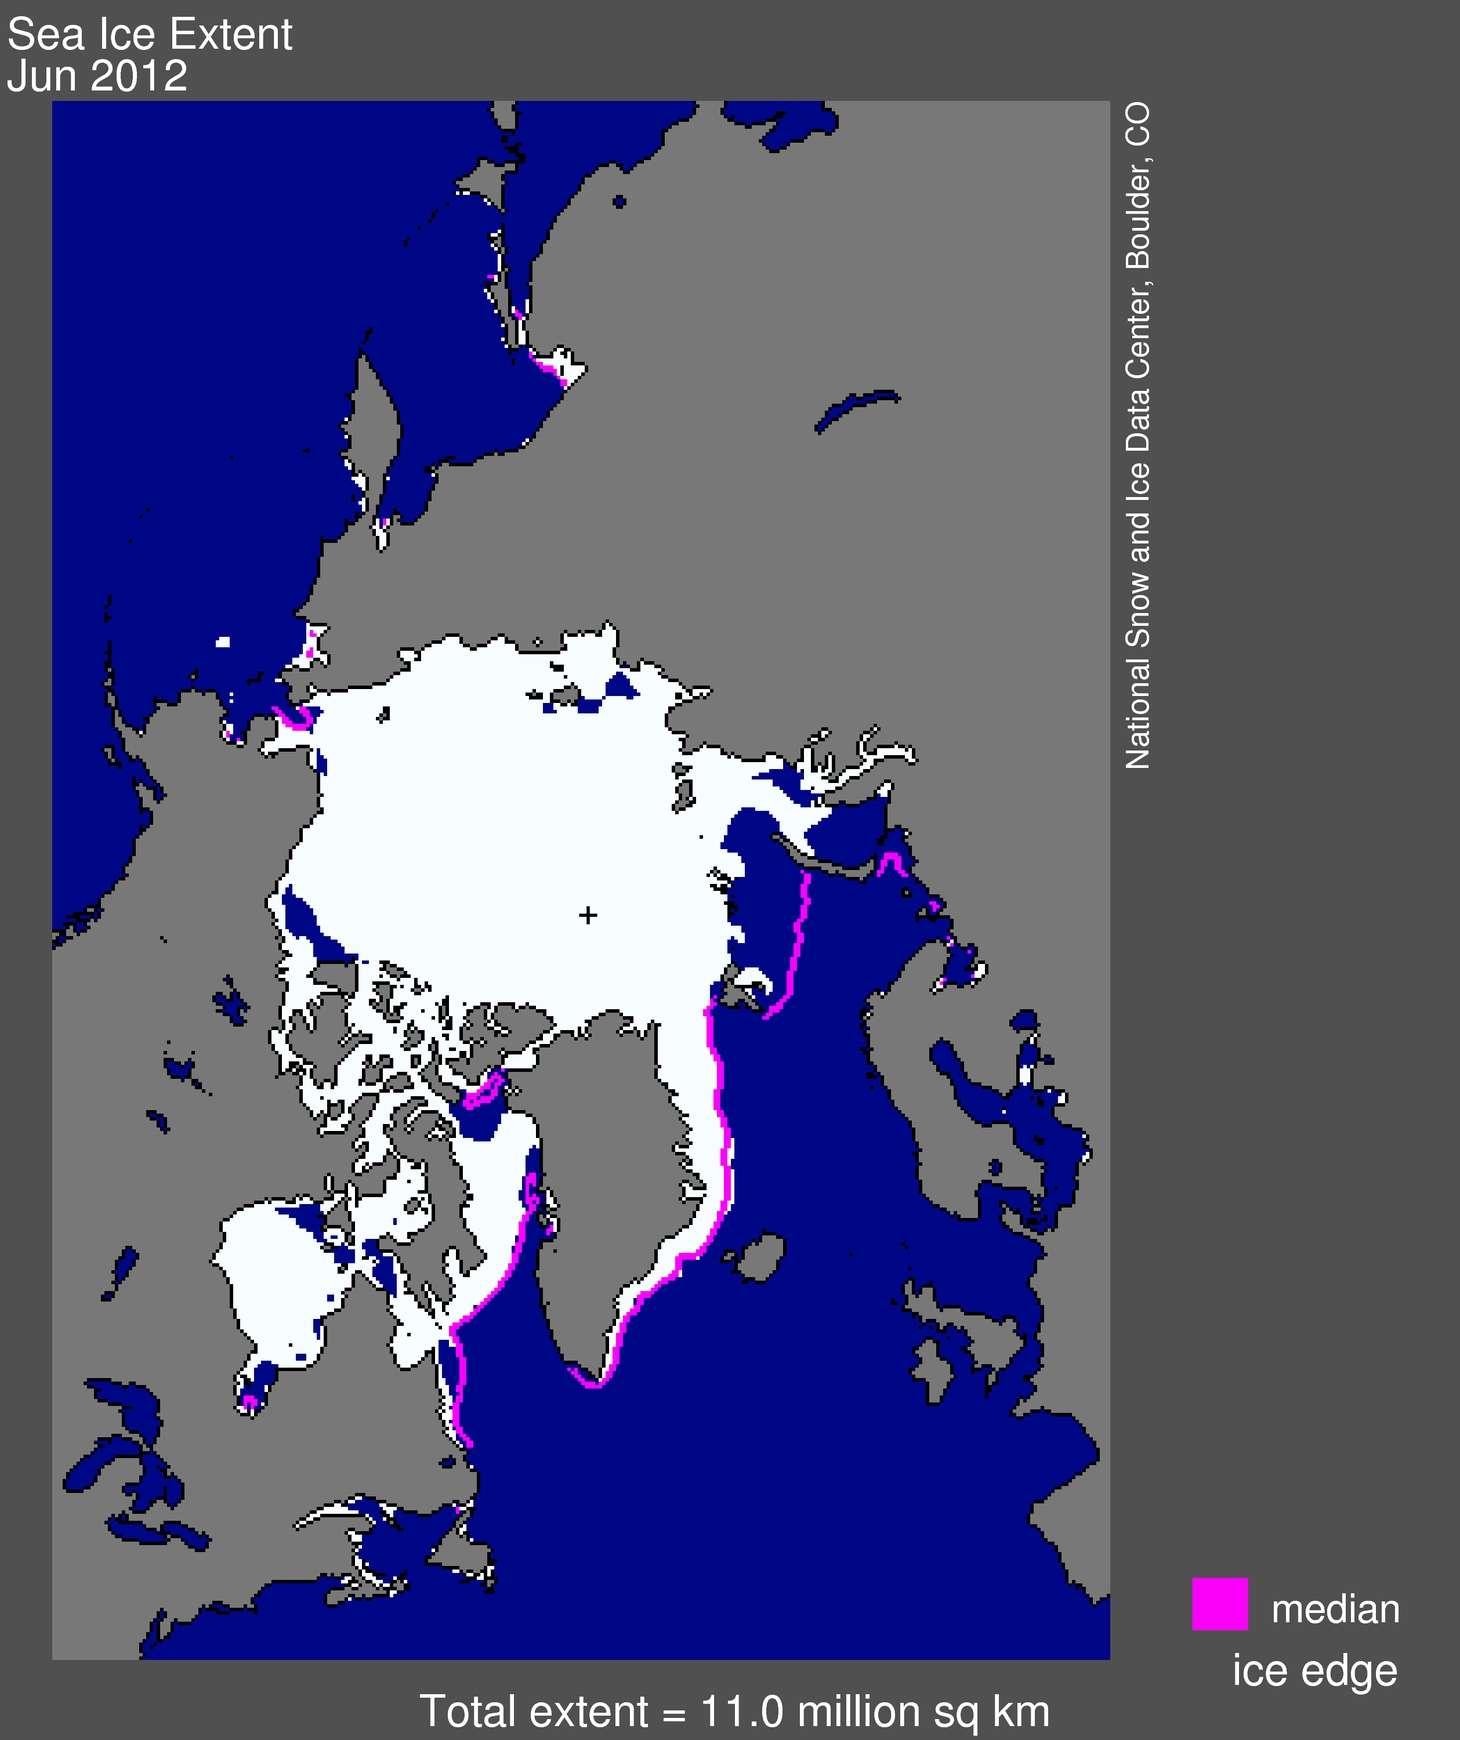 L'étendue de la banquise arctique en juin 2012 est représentée en blanc. Les lignes roses indiquent les limites qu'atteignait en moyenne l'Arctique entre 1979 et 2000. La croix noire correspond au pôle Nord. © US National Snow and Ice Data Center